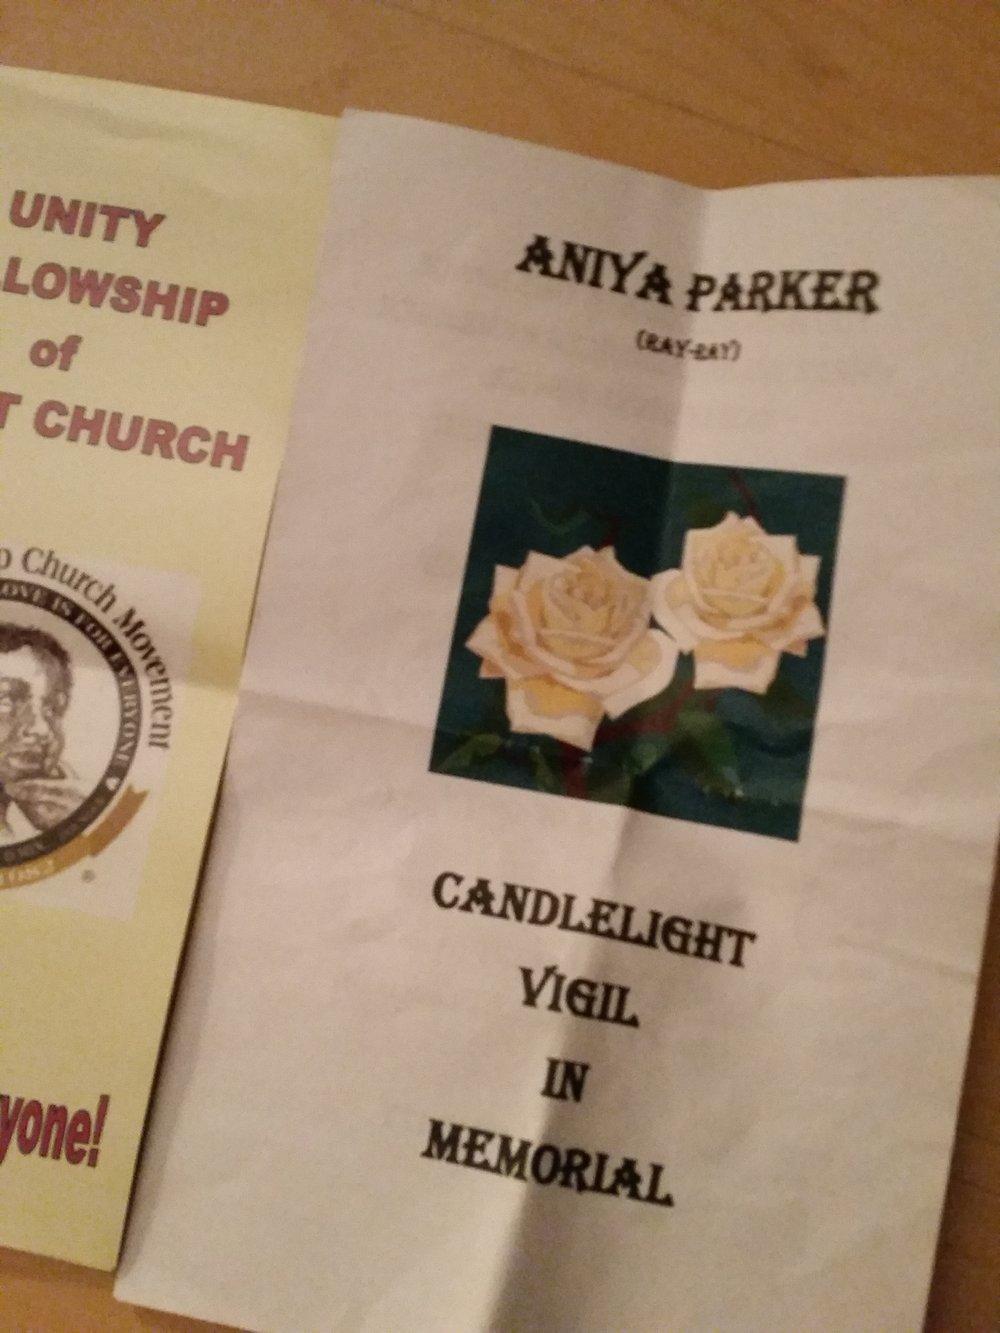 AniyaParker-Vigil-Flyer